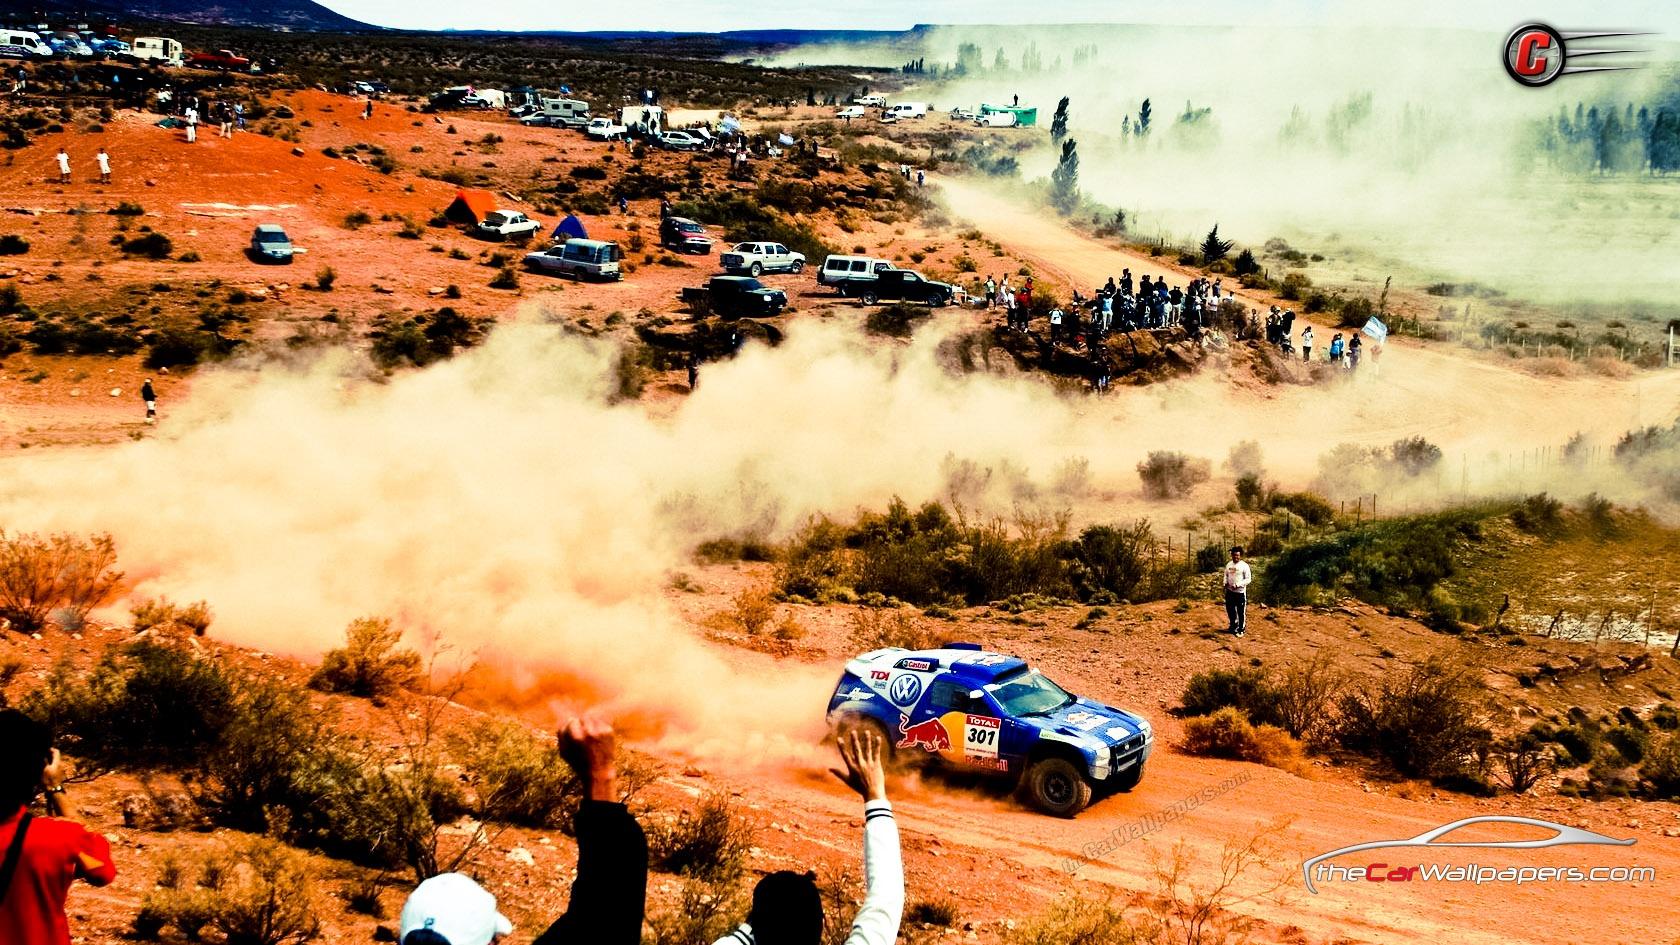 обзор трассы ралли, скачать фото, пустыня, песок, обои для рабочего стола